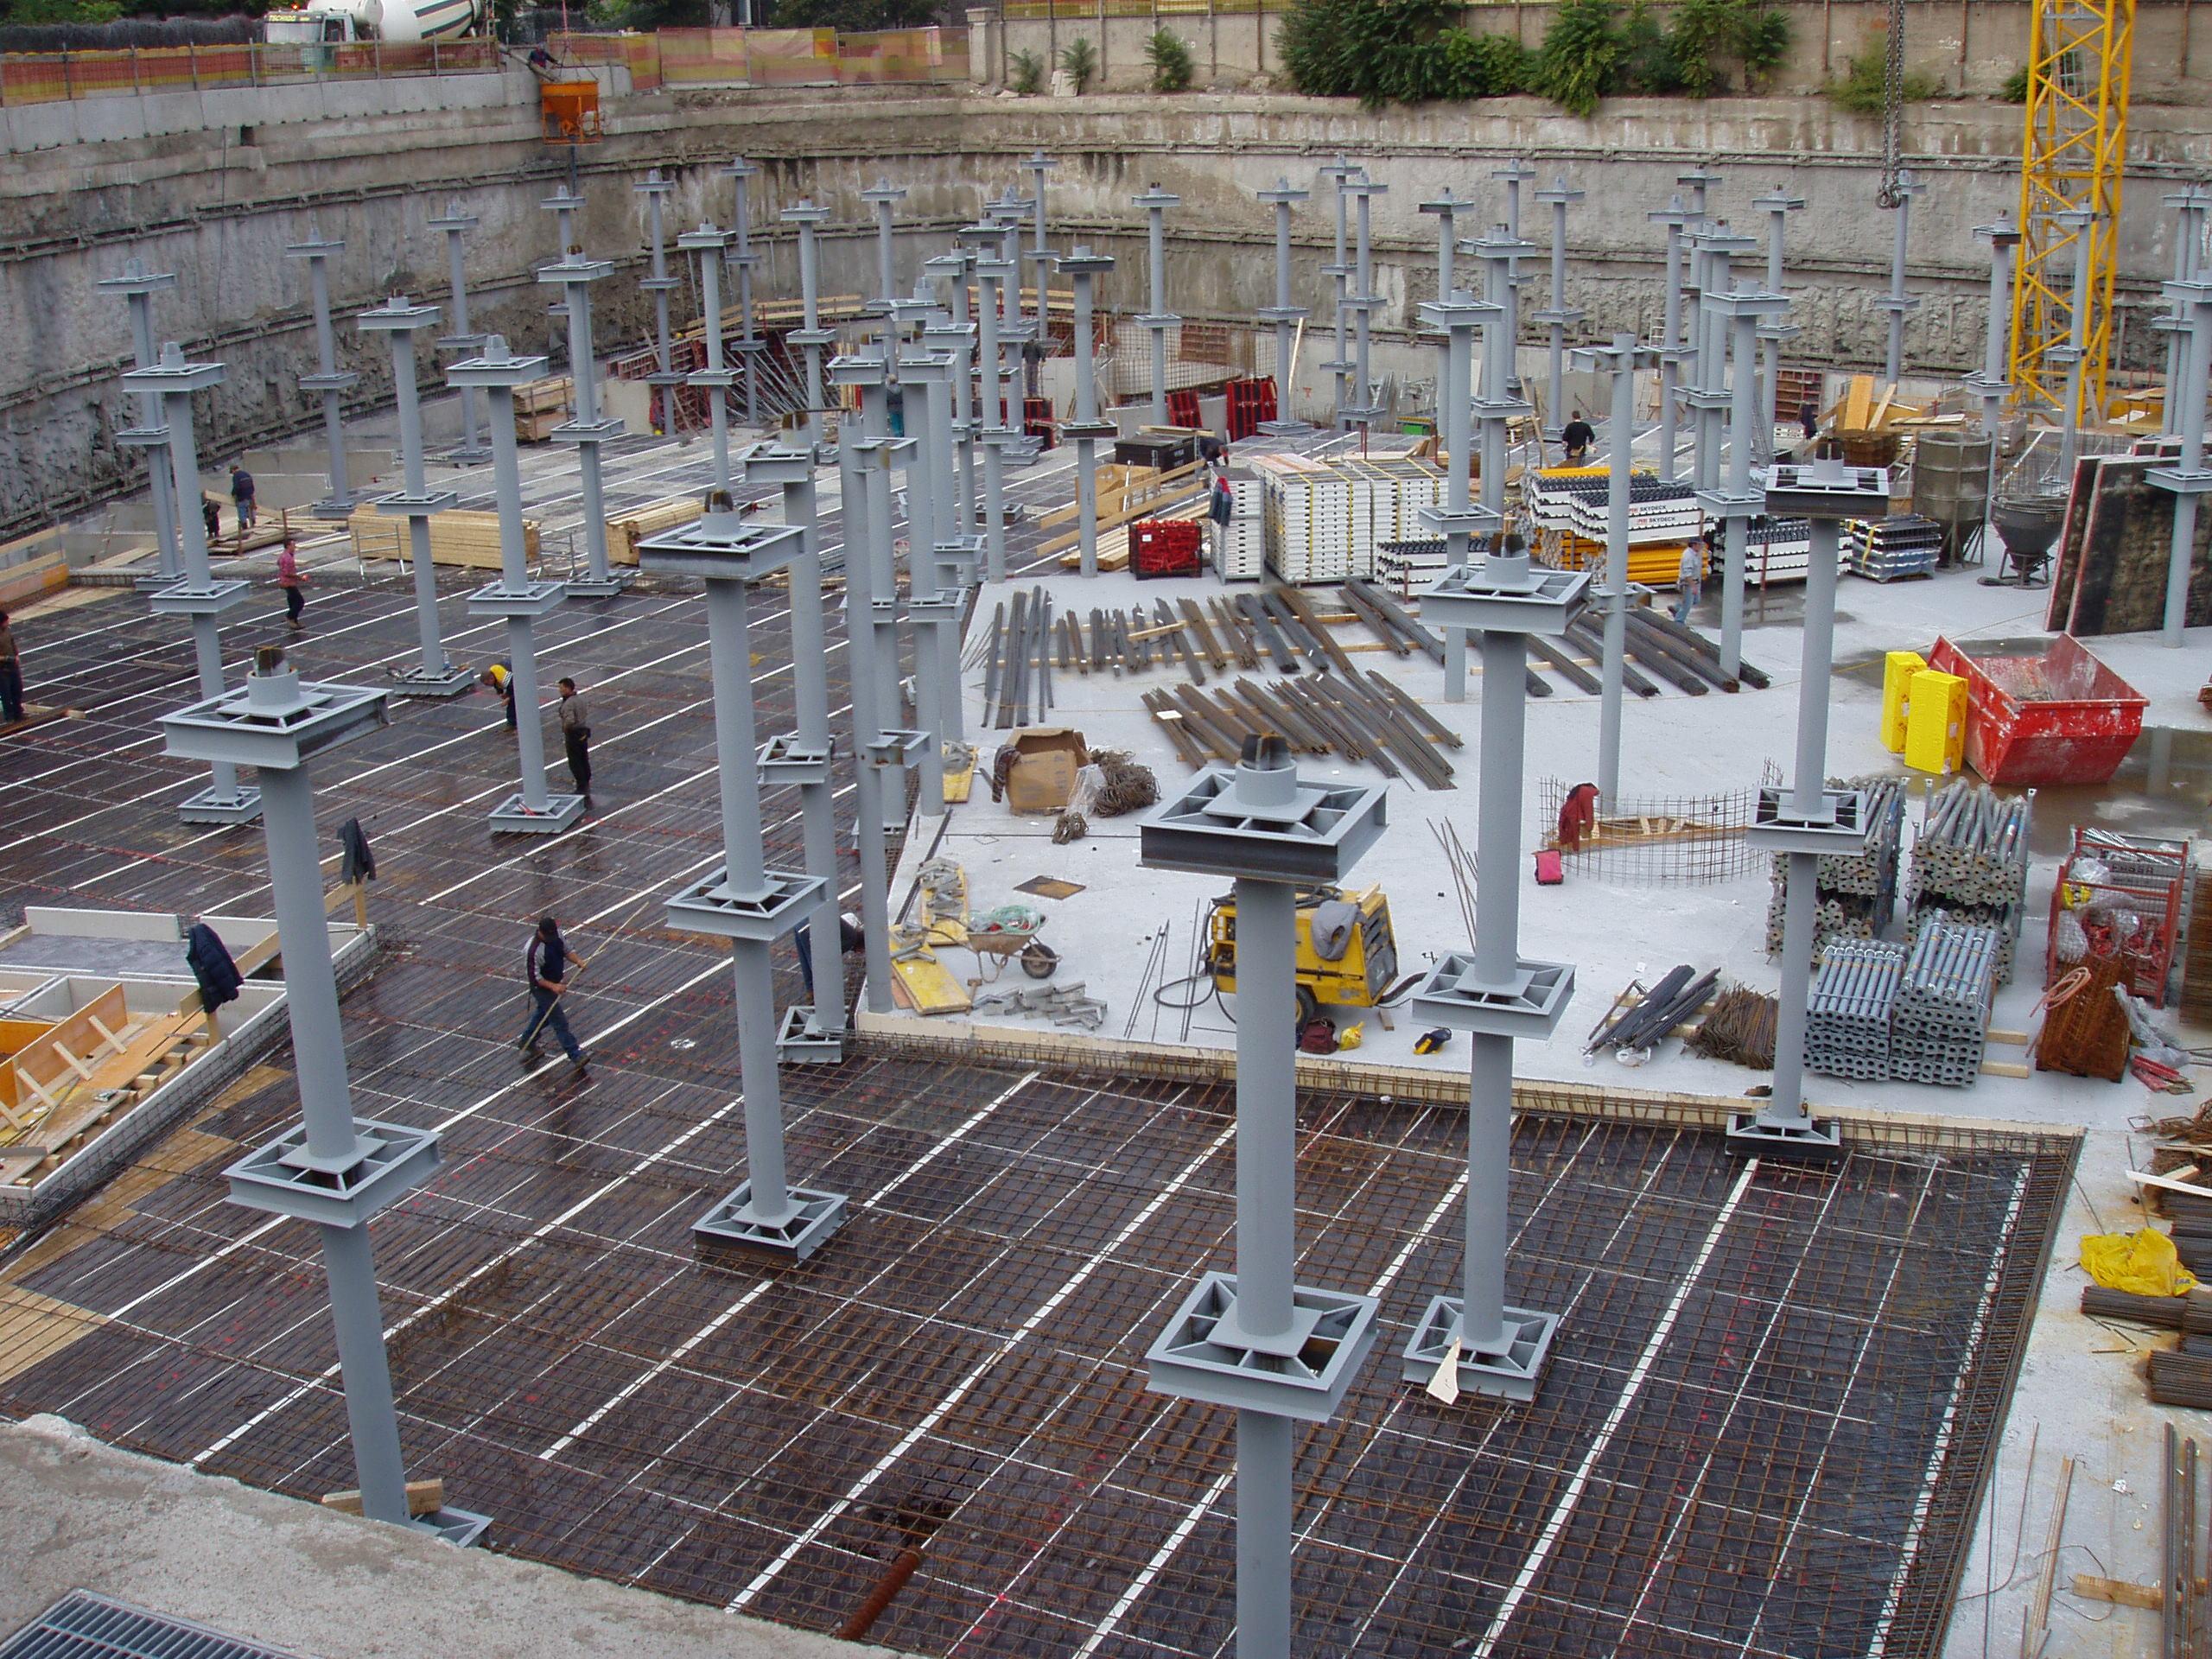 piloni in un sito in costruzione